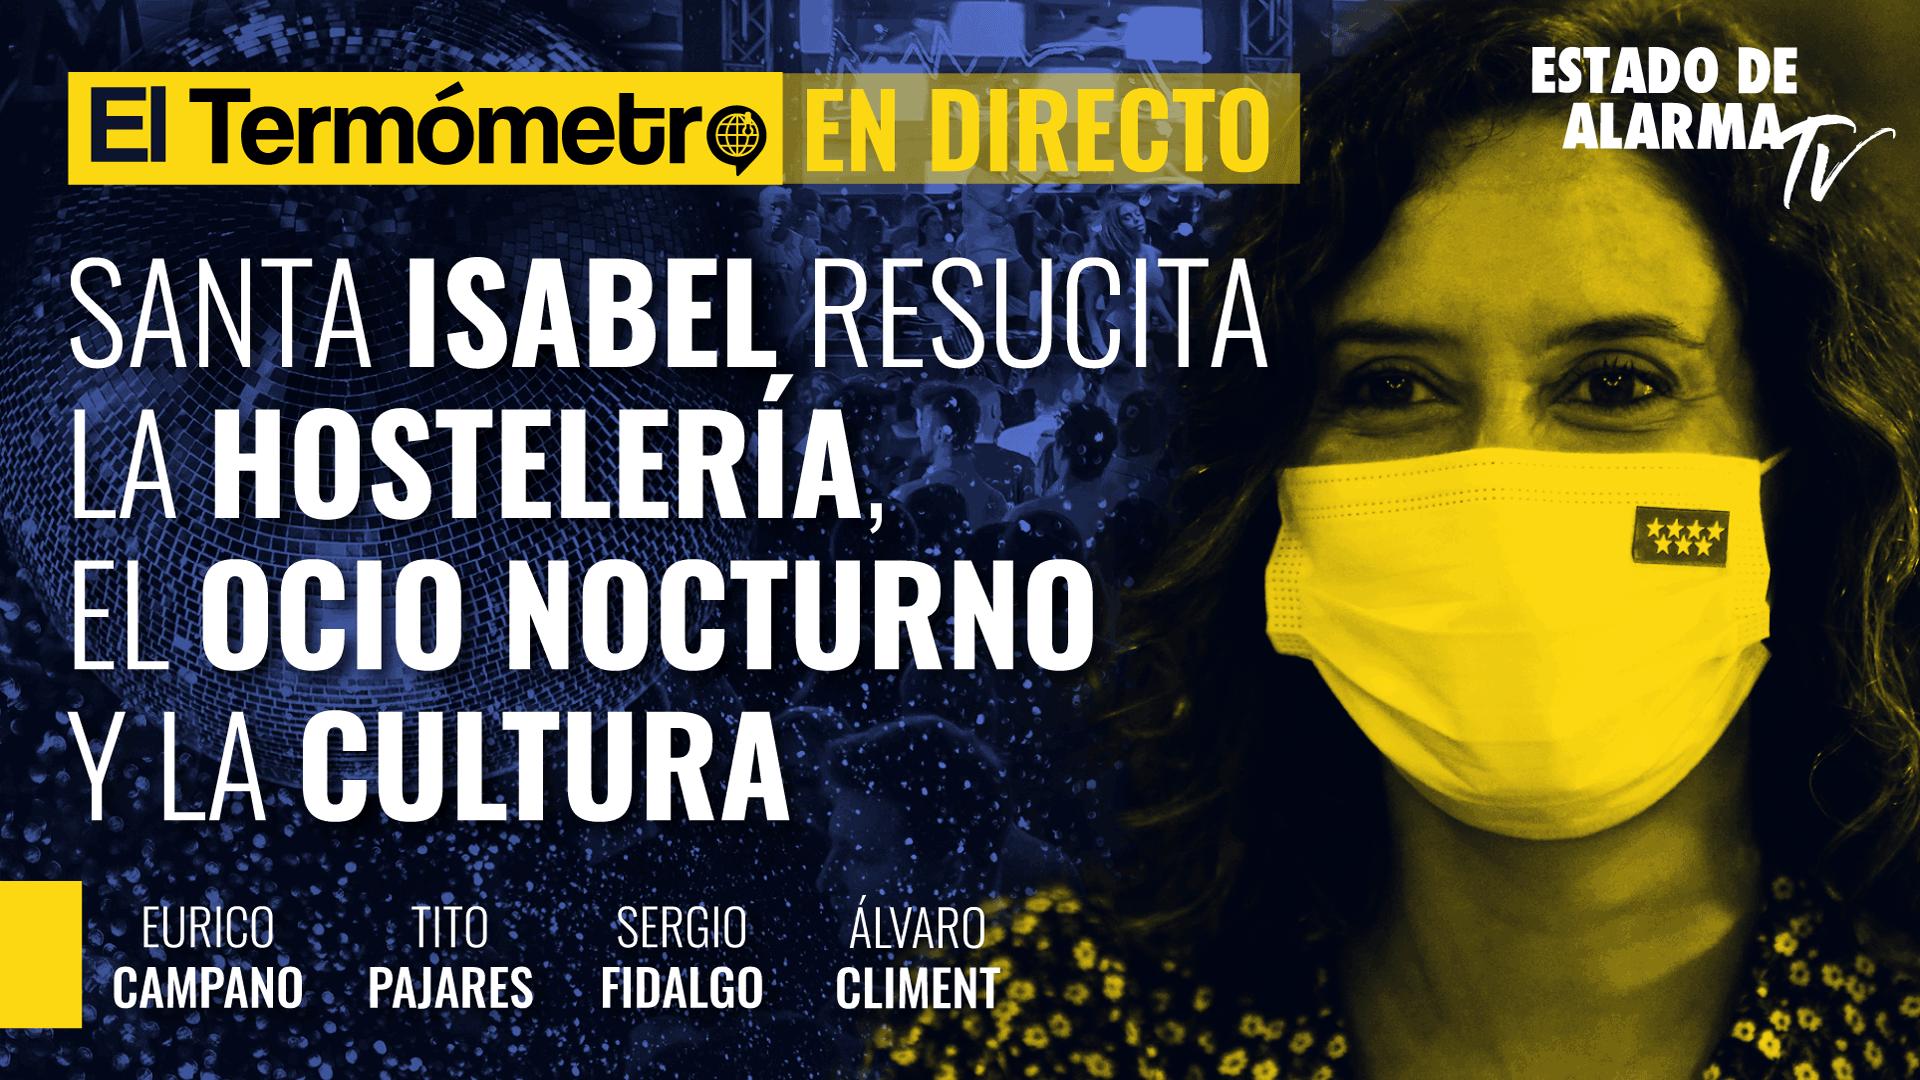 Imagen del video: El Termómetro: Santa Isabel resucita la hostelería, el ocio nocturno y la cultura